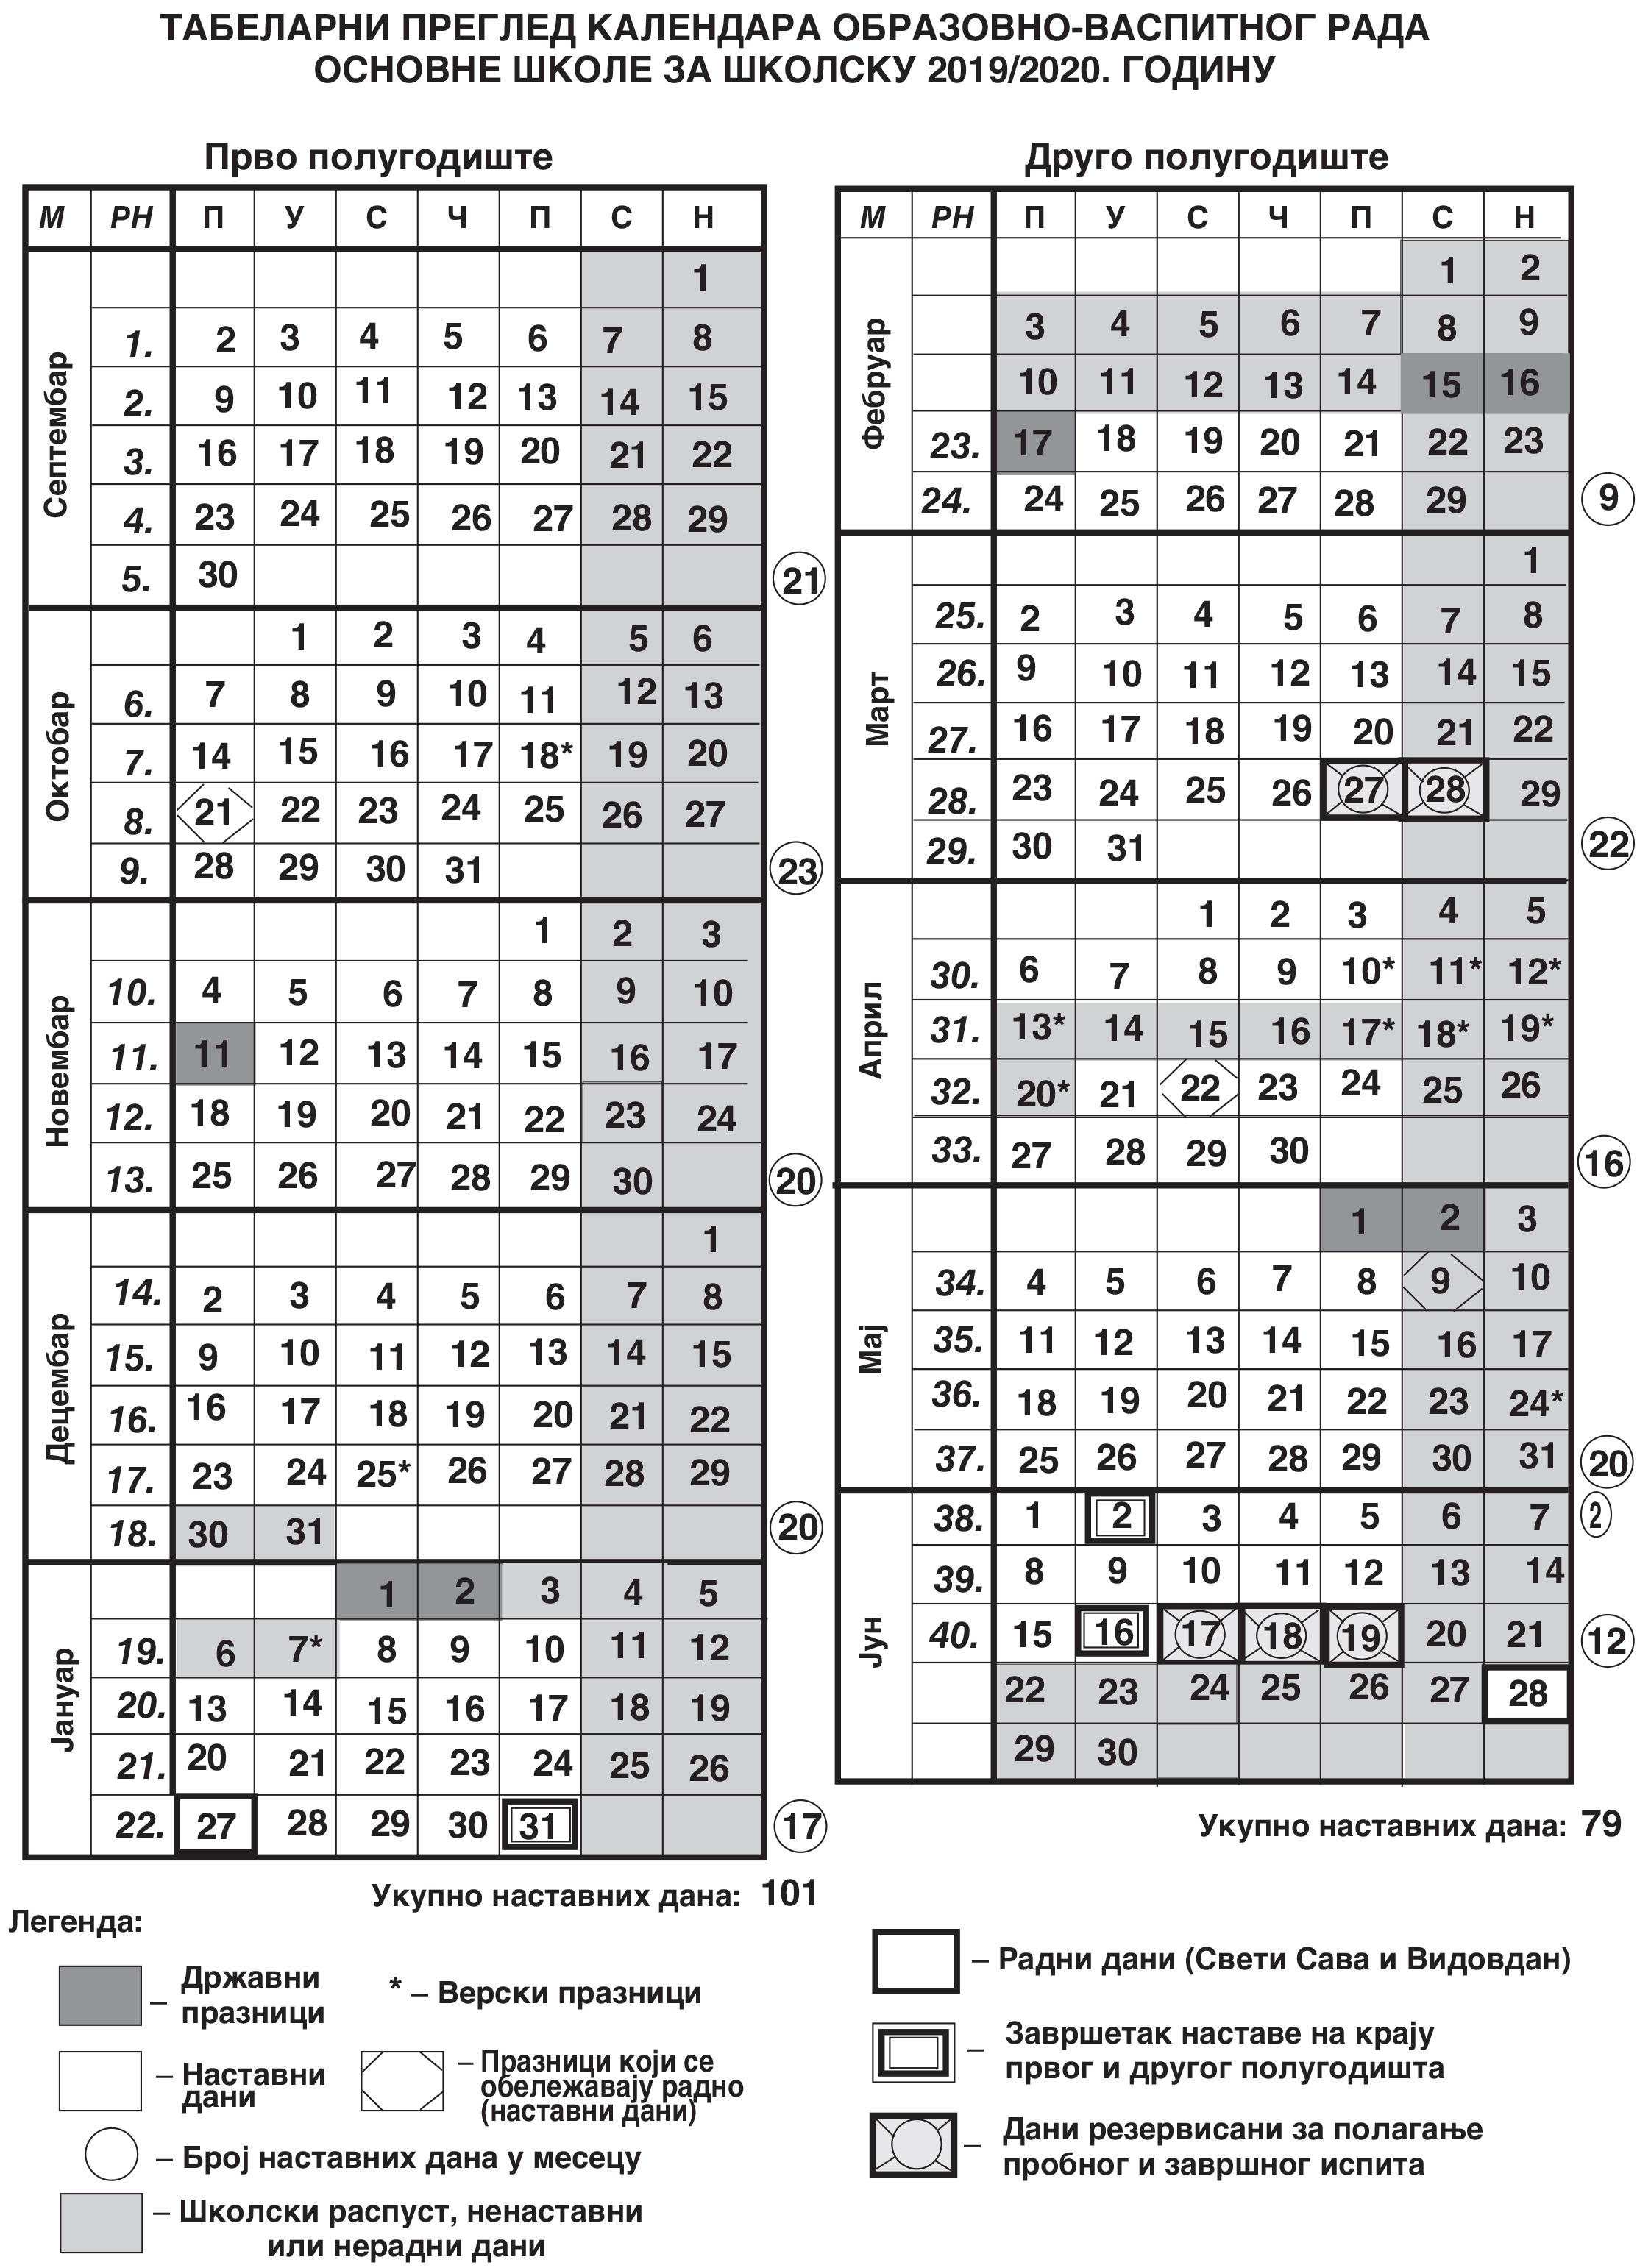 tabelarni pregled kalendara za oŠ rs 1920 17 04 19.cdr